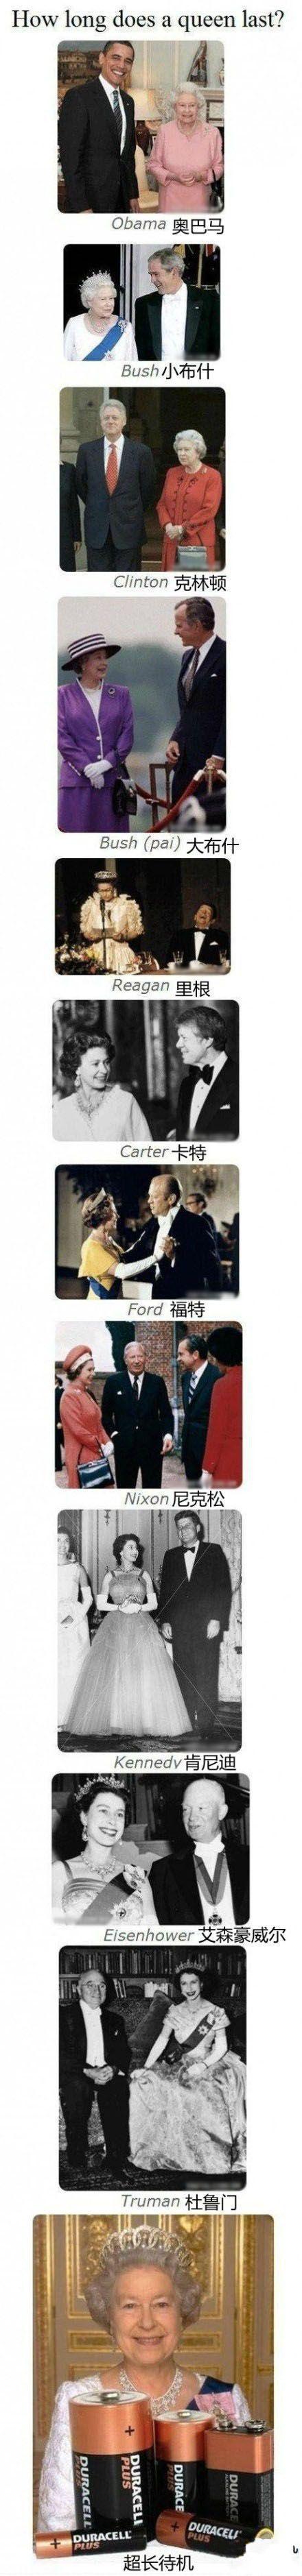 一张图告诉你女王有多么的超长待机